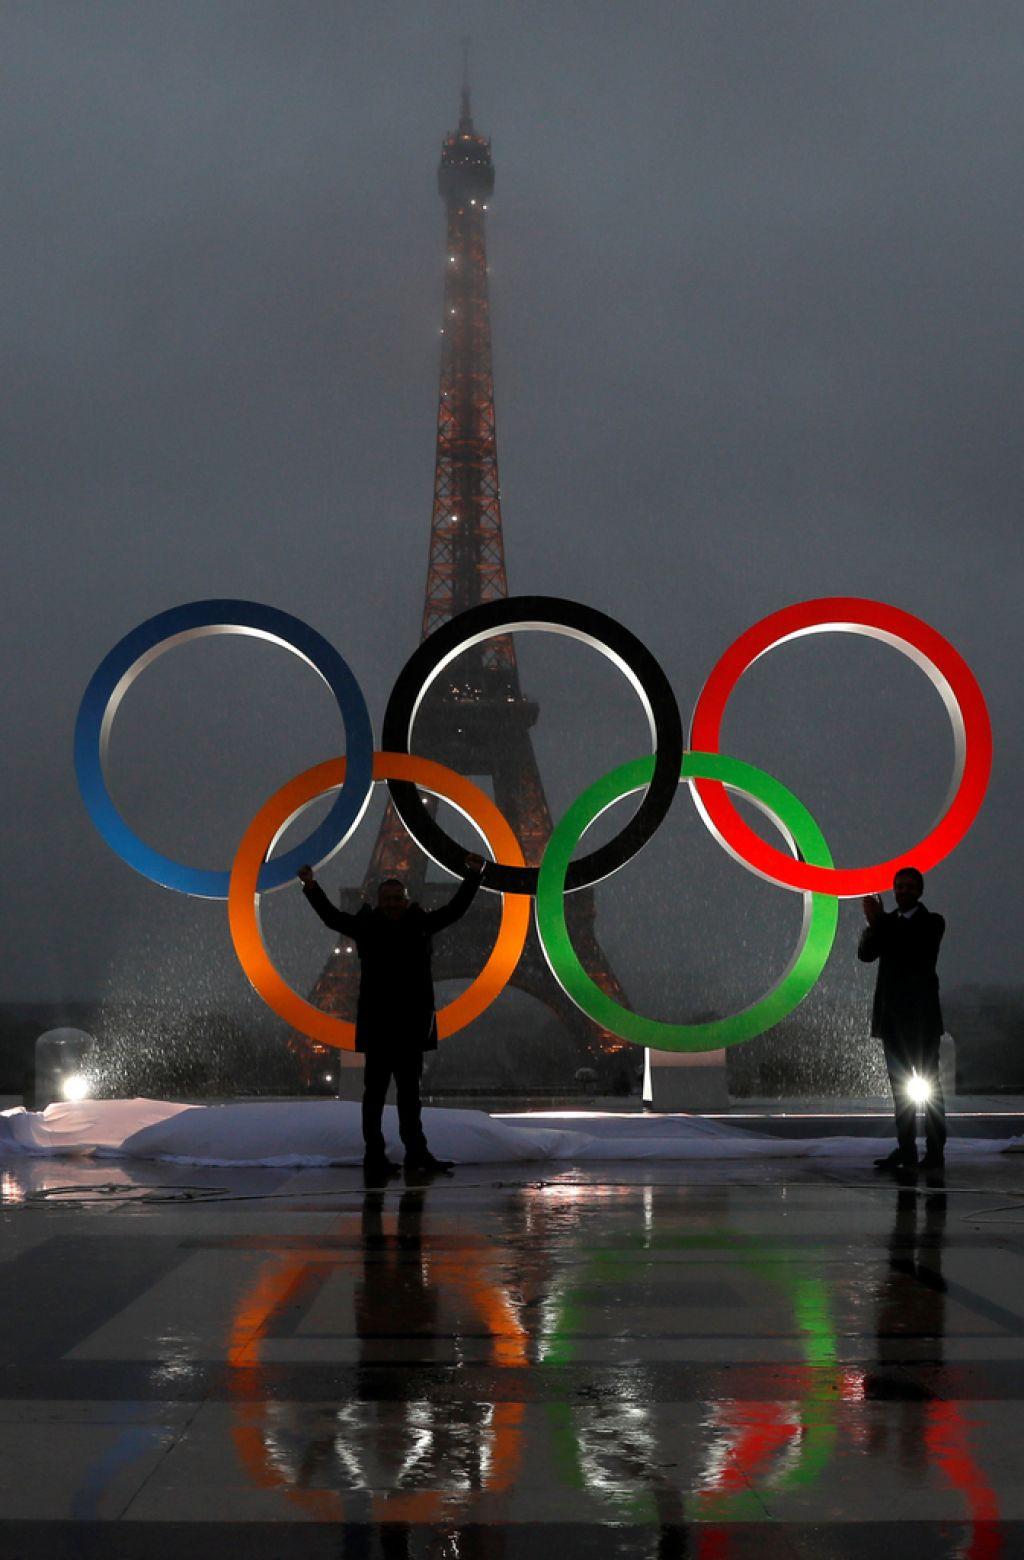 V mestu luči konec stoletne olimpijske suše